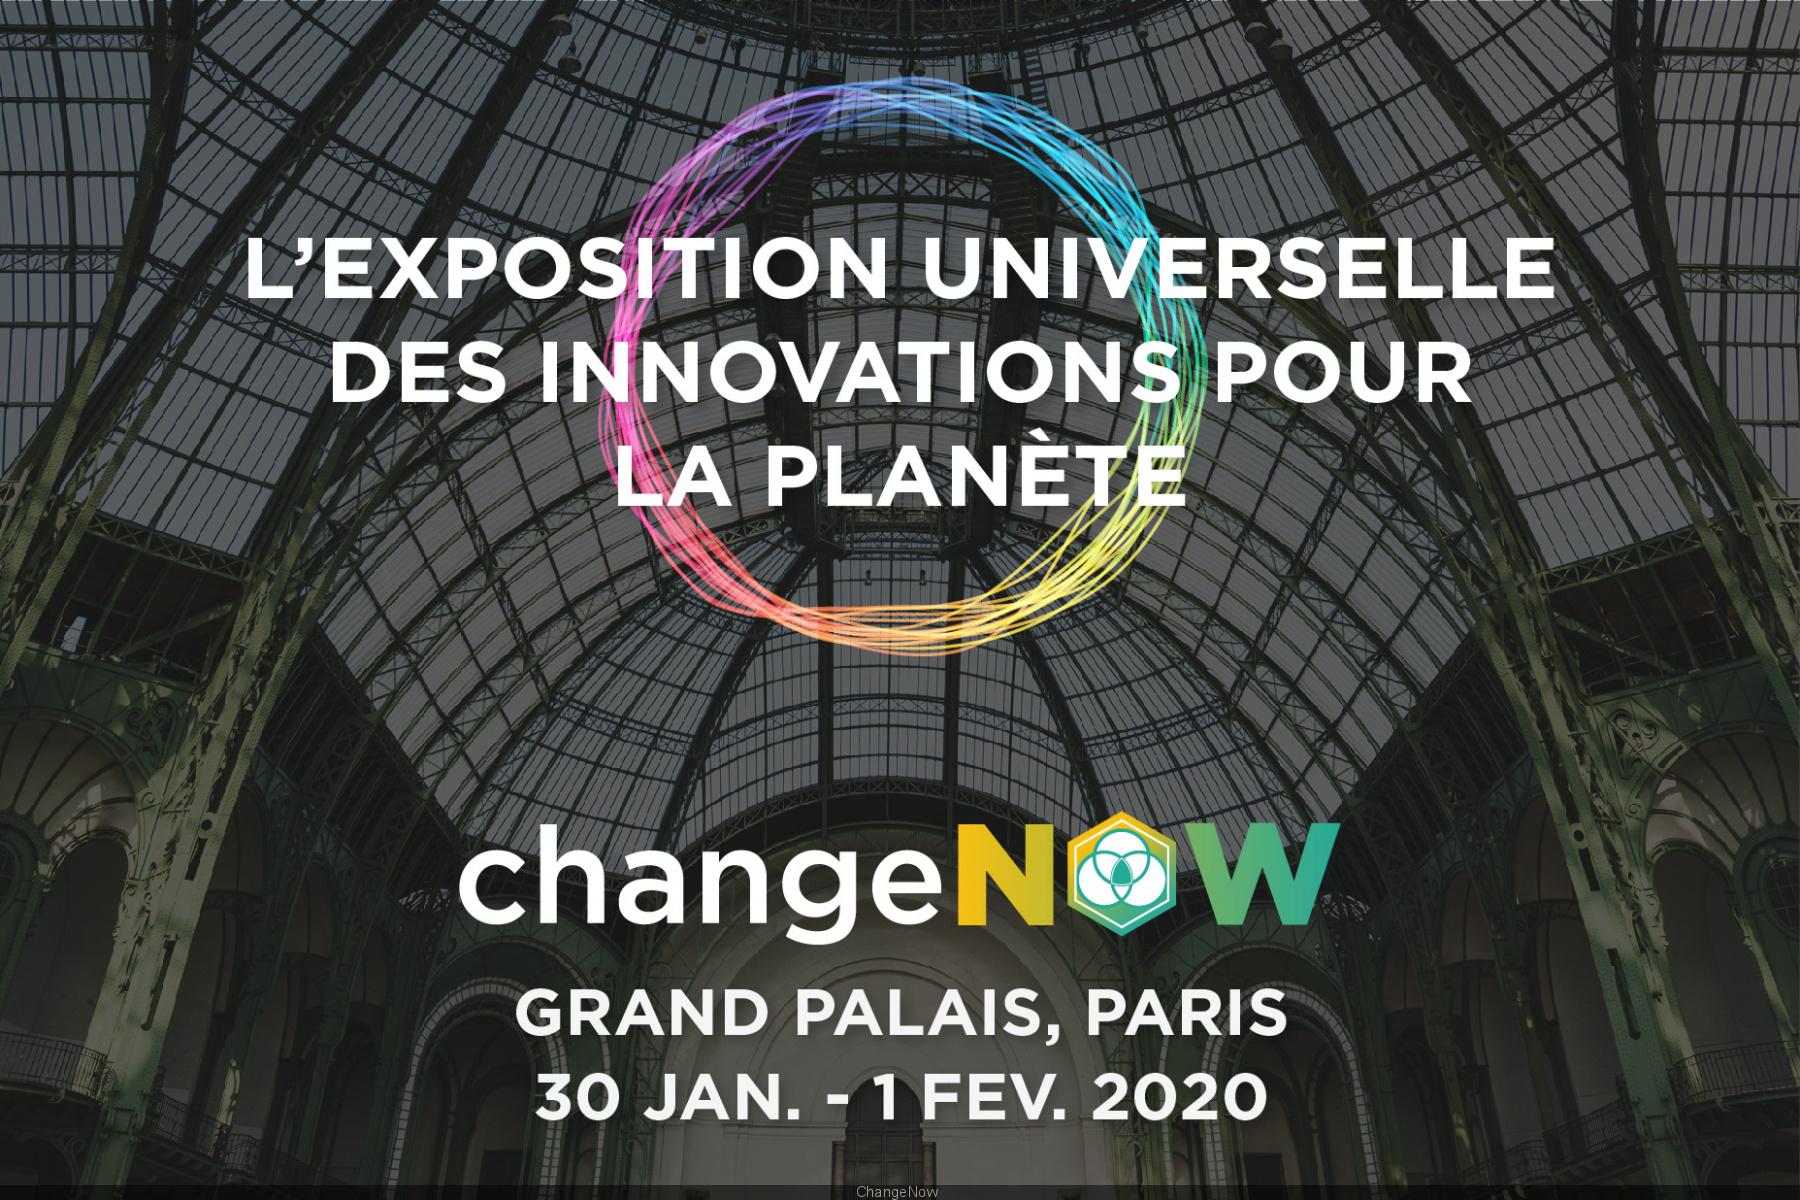 Change now summit